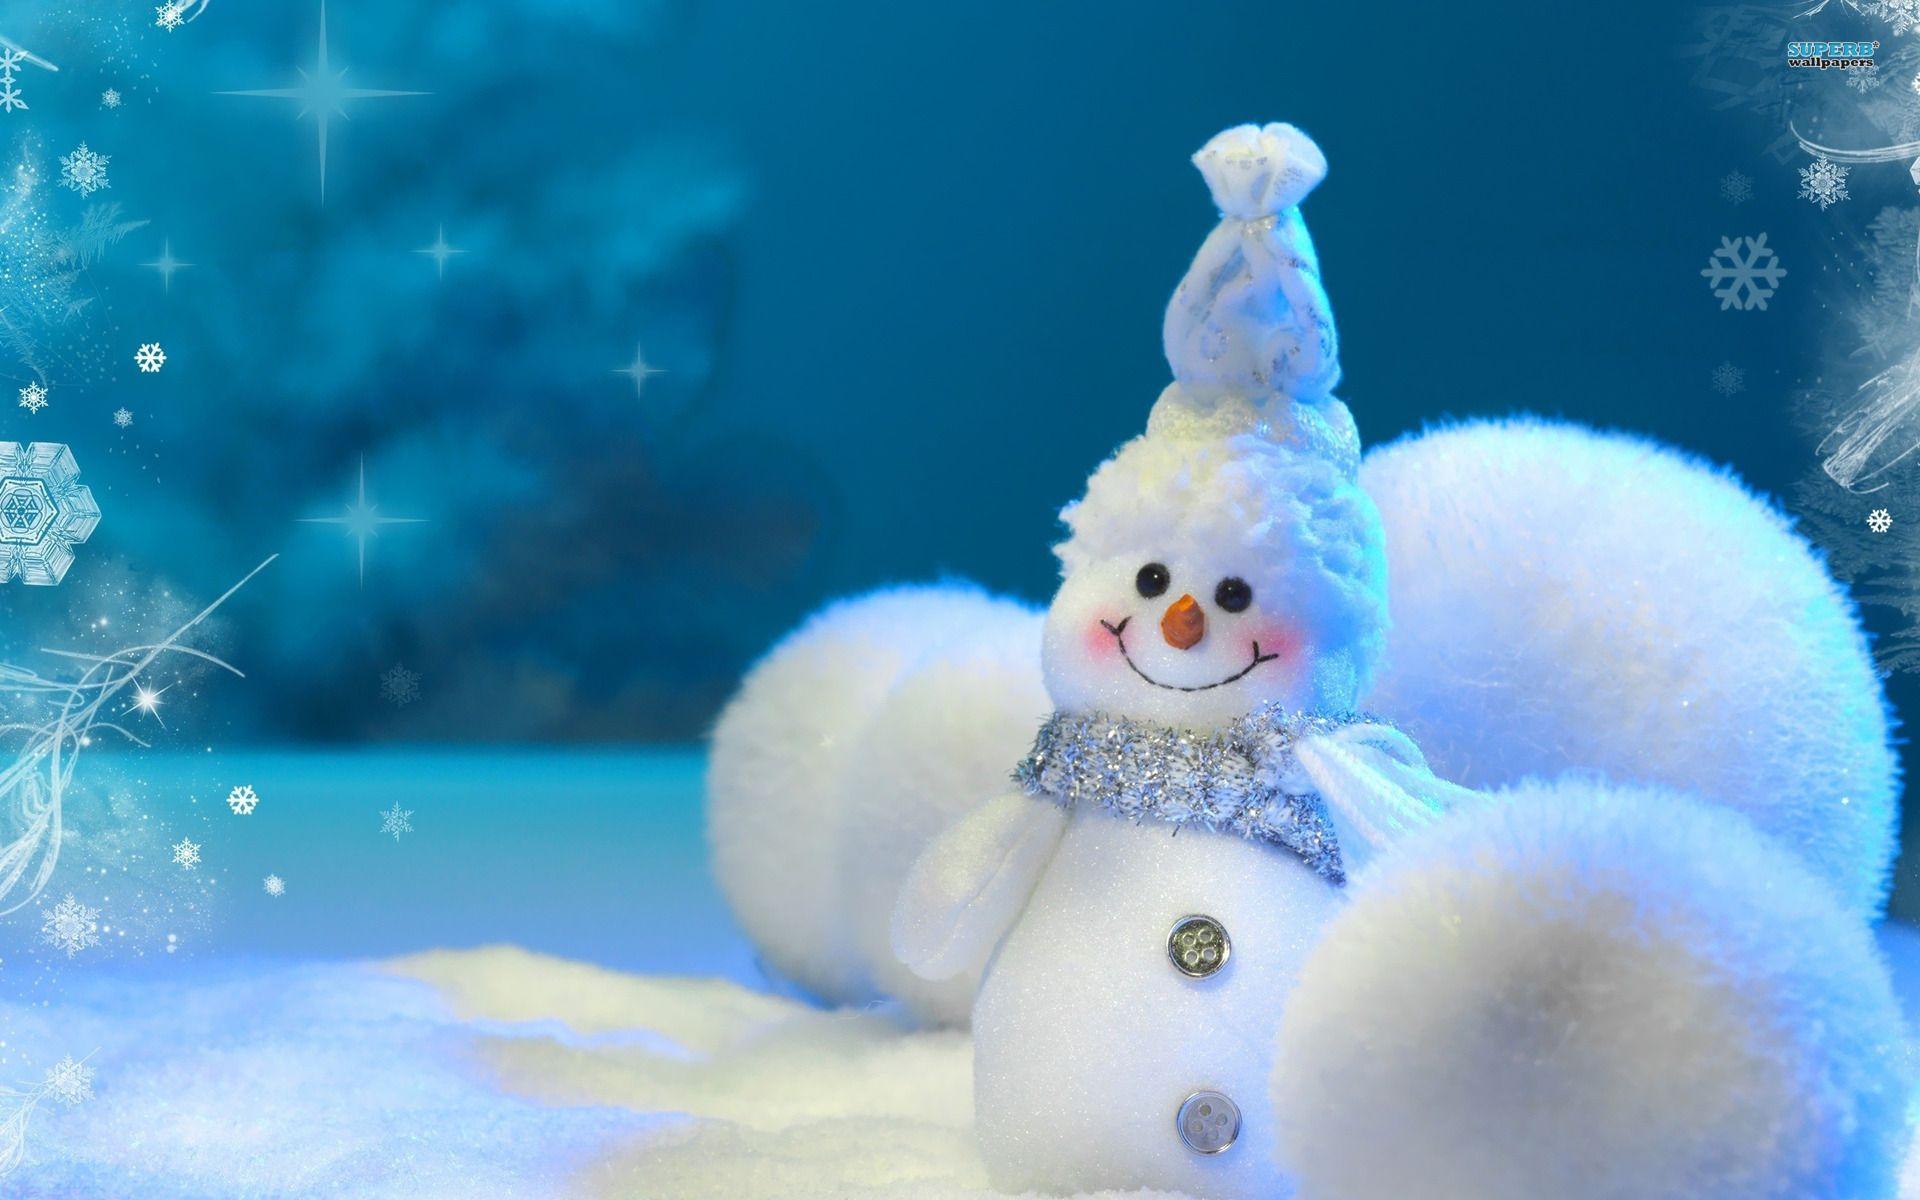 Snowman Wallpaper 4165 1024x640 Px Hdwallsource 雪だるま